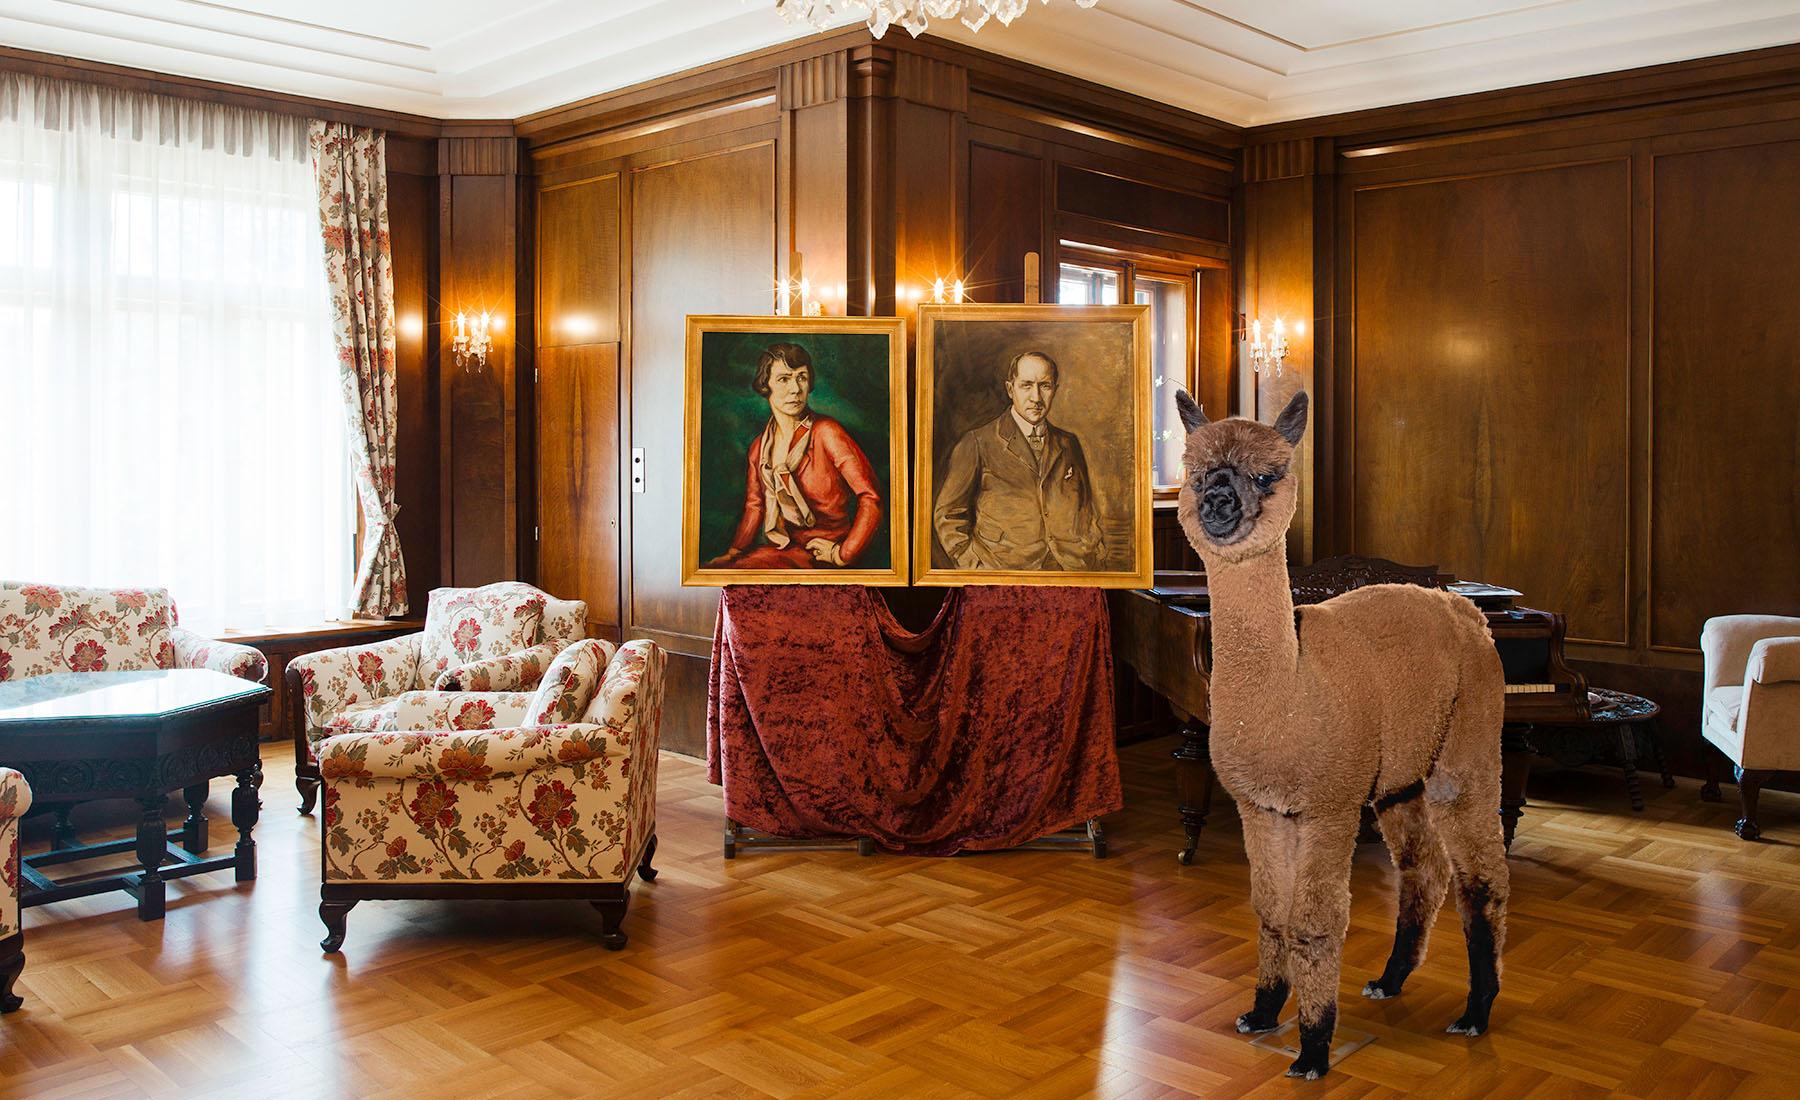 Daniel-Gebhardt-de-Koekkoek-Alpaca-portraits